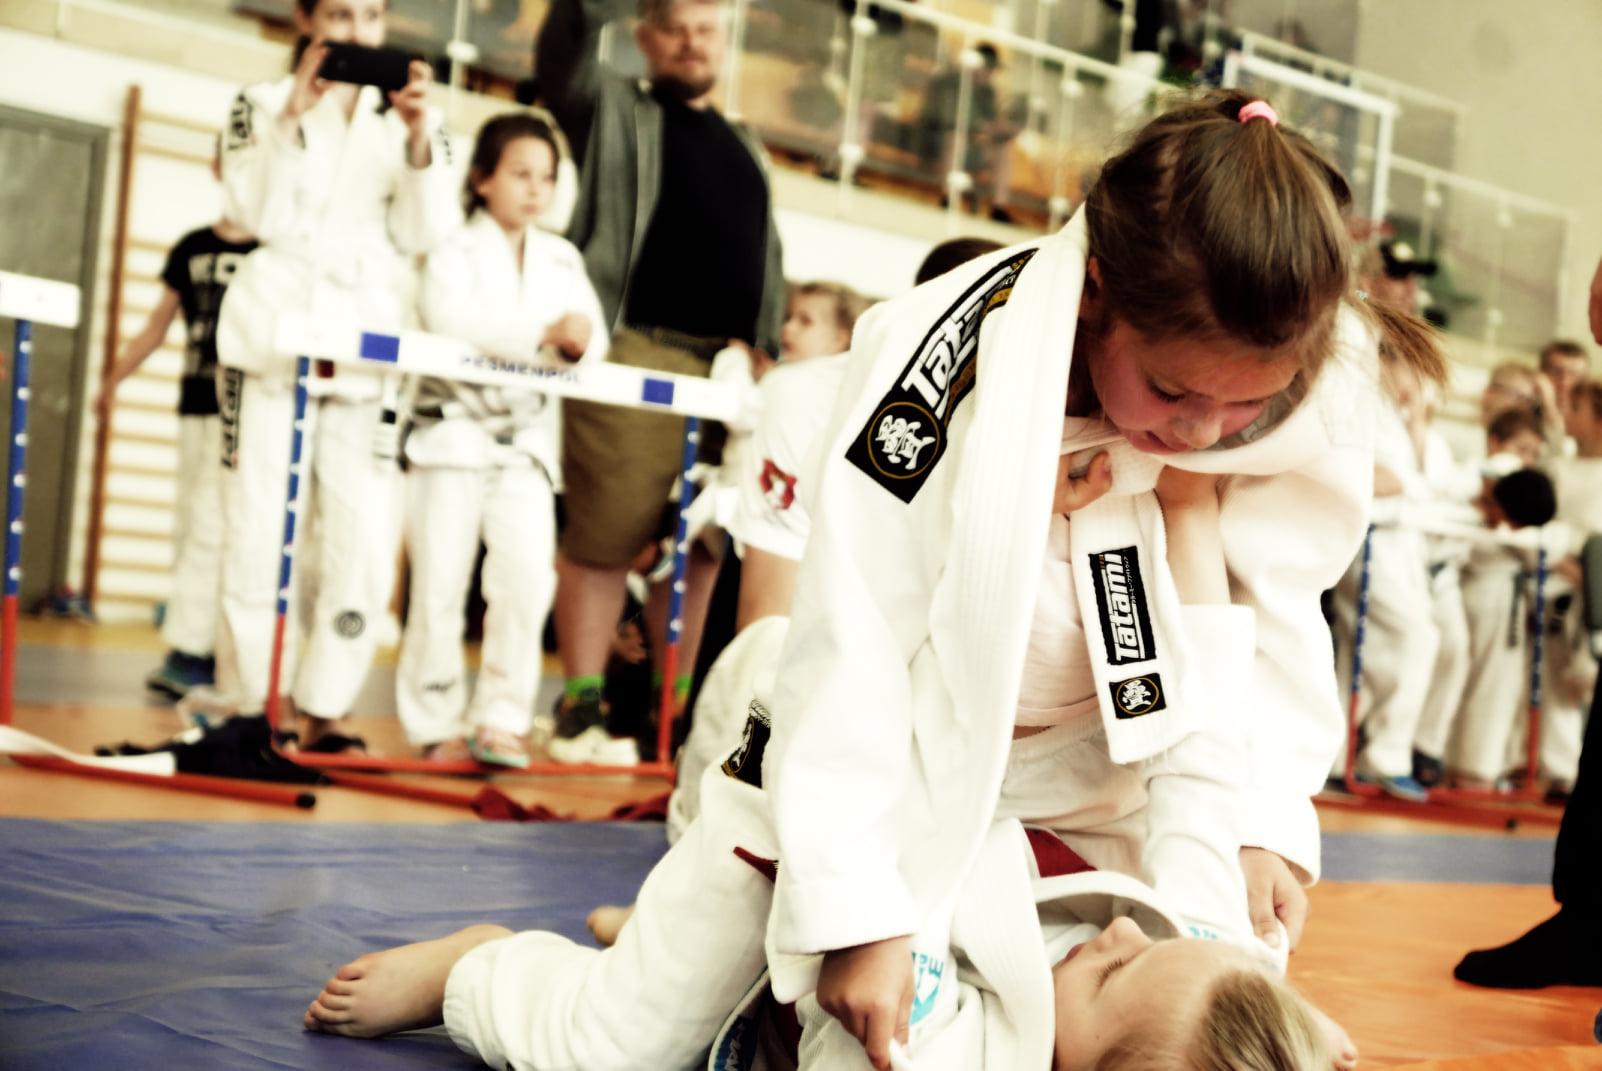 Młodzi wojownicy z dwunastoma medalami. Mistrzostwa w Ju-Jitsu owocnie zakończone dla mielczan - Zdjęcie główne